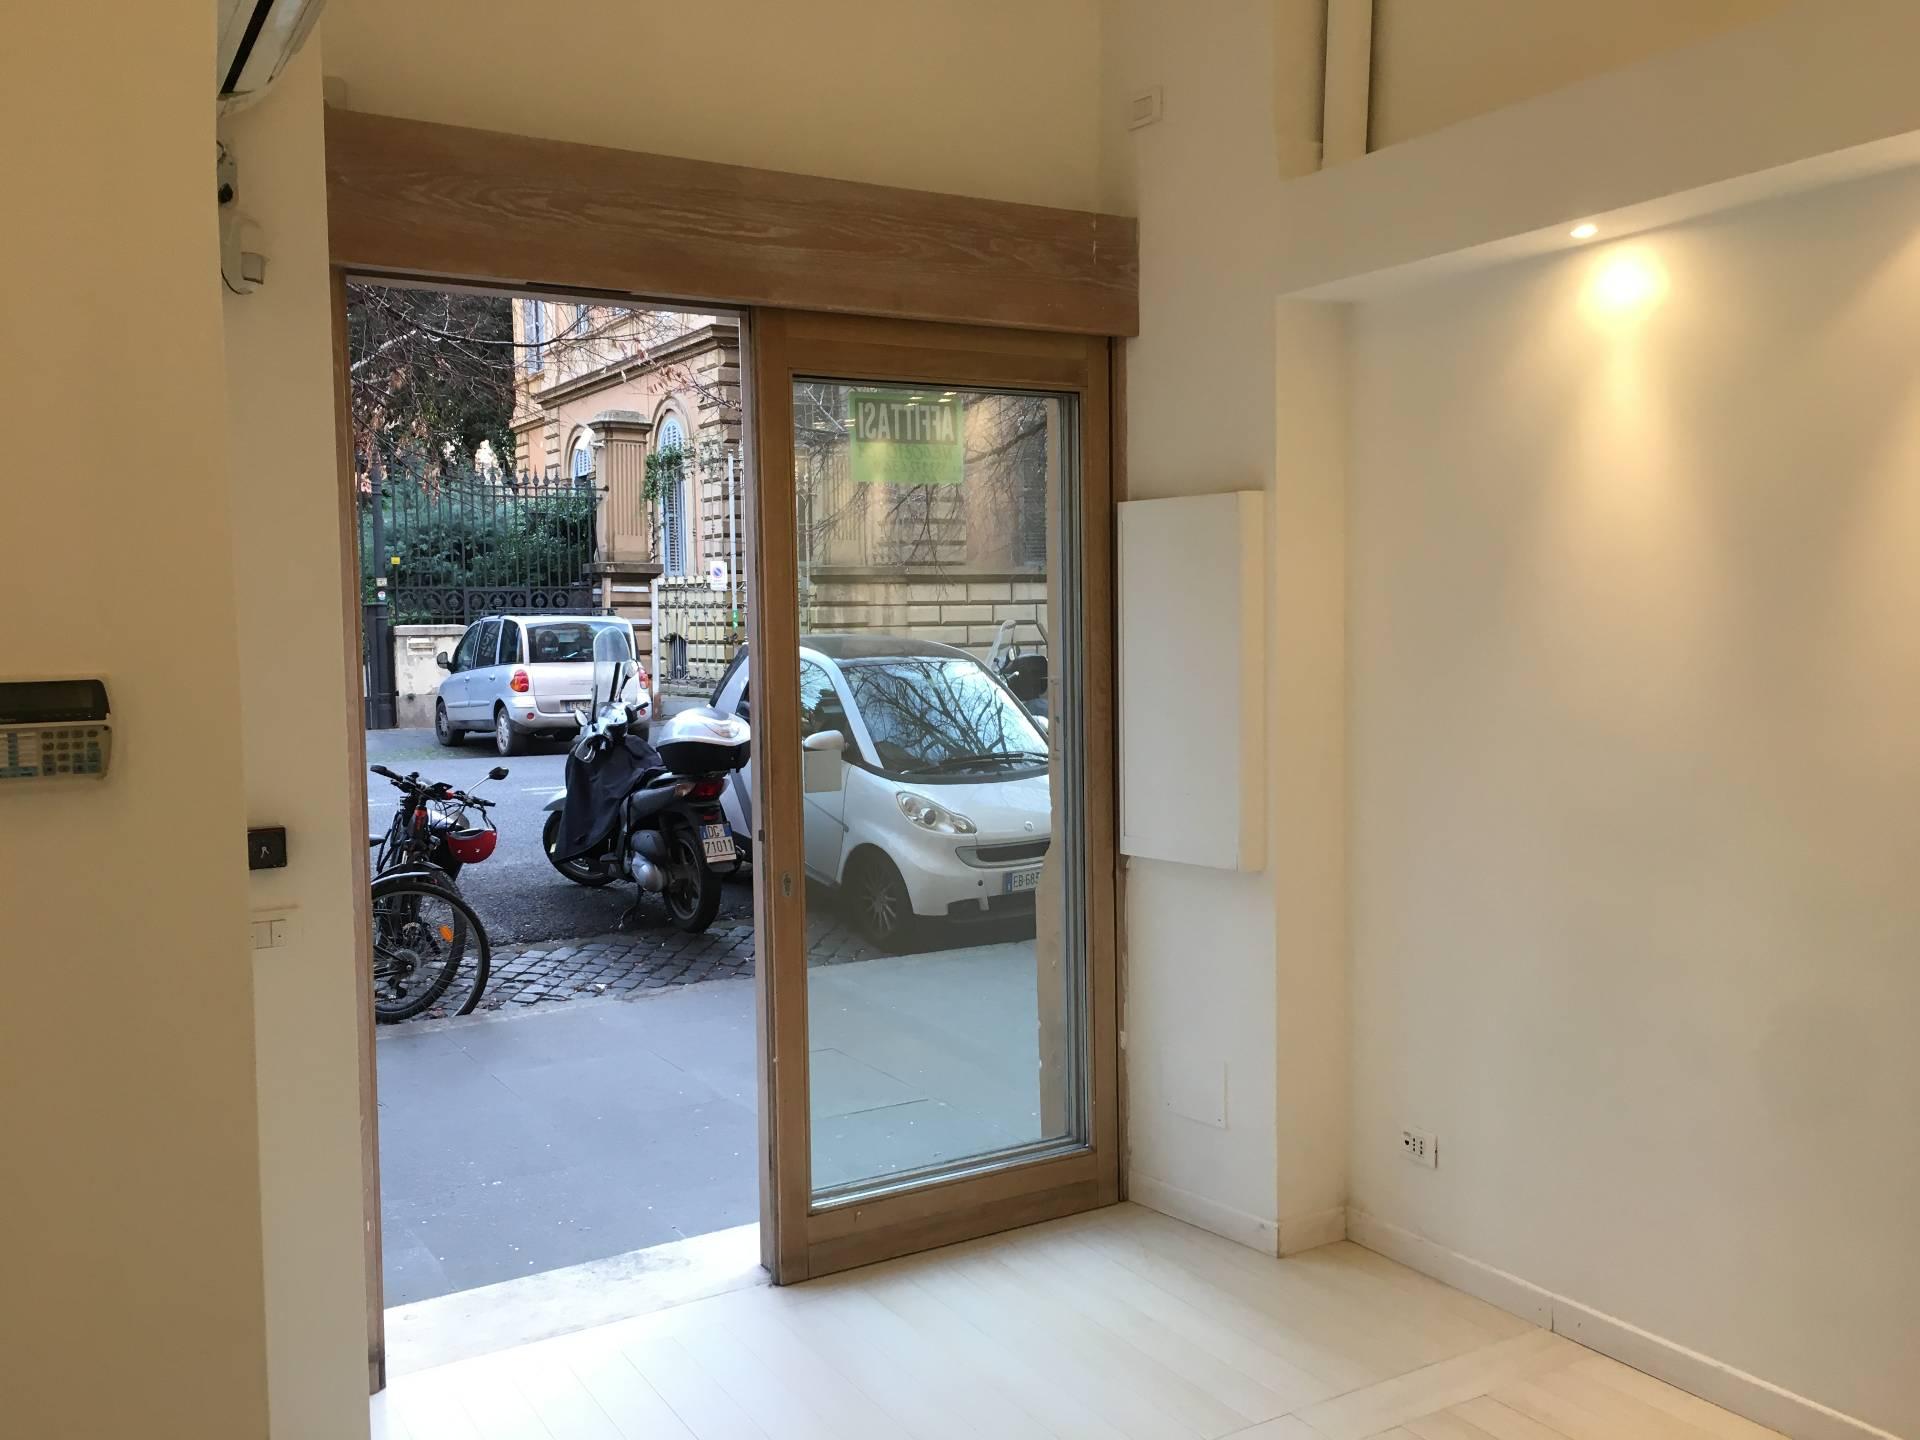 Negozio-locale in Affitto a Roma 01 Centro Storico: 1 locali, 15 mq